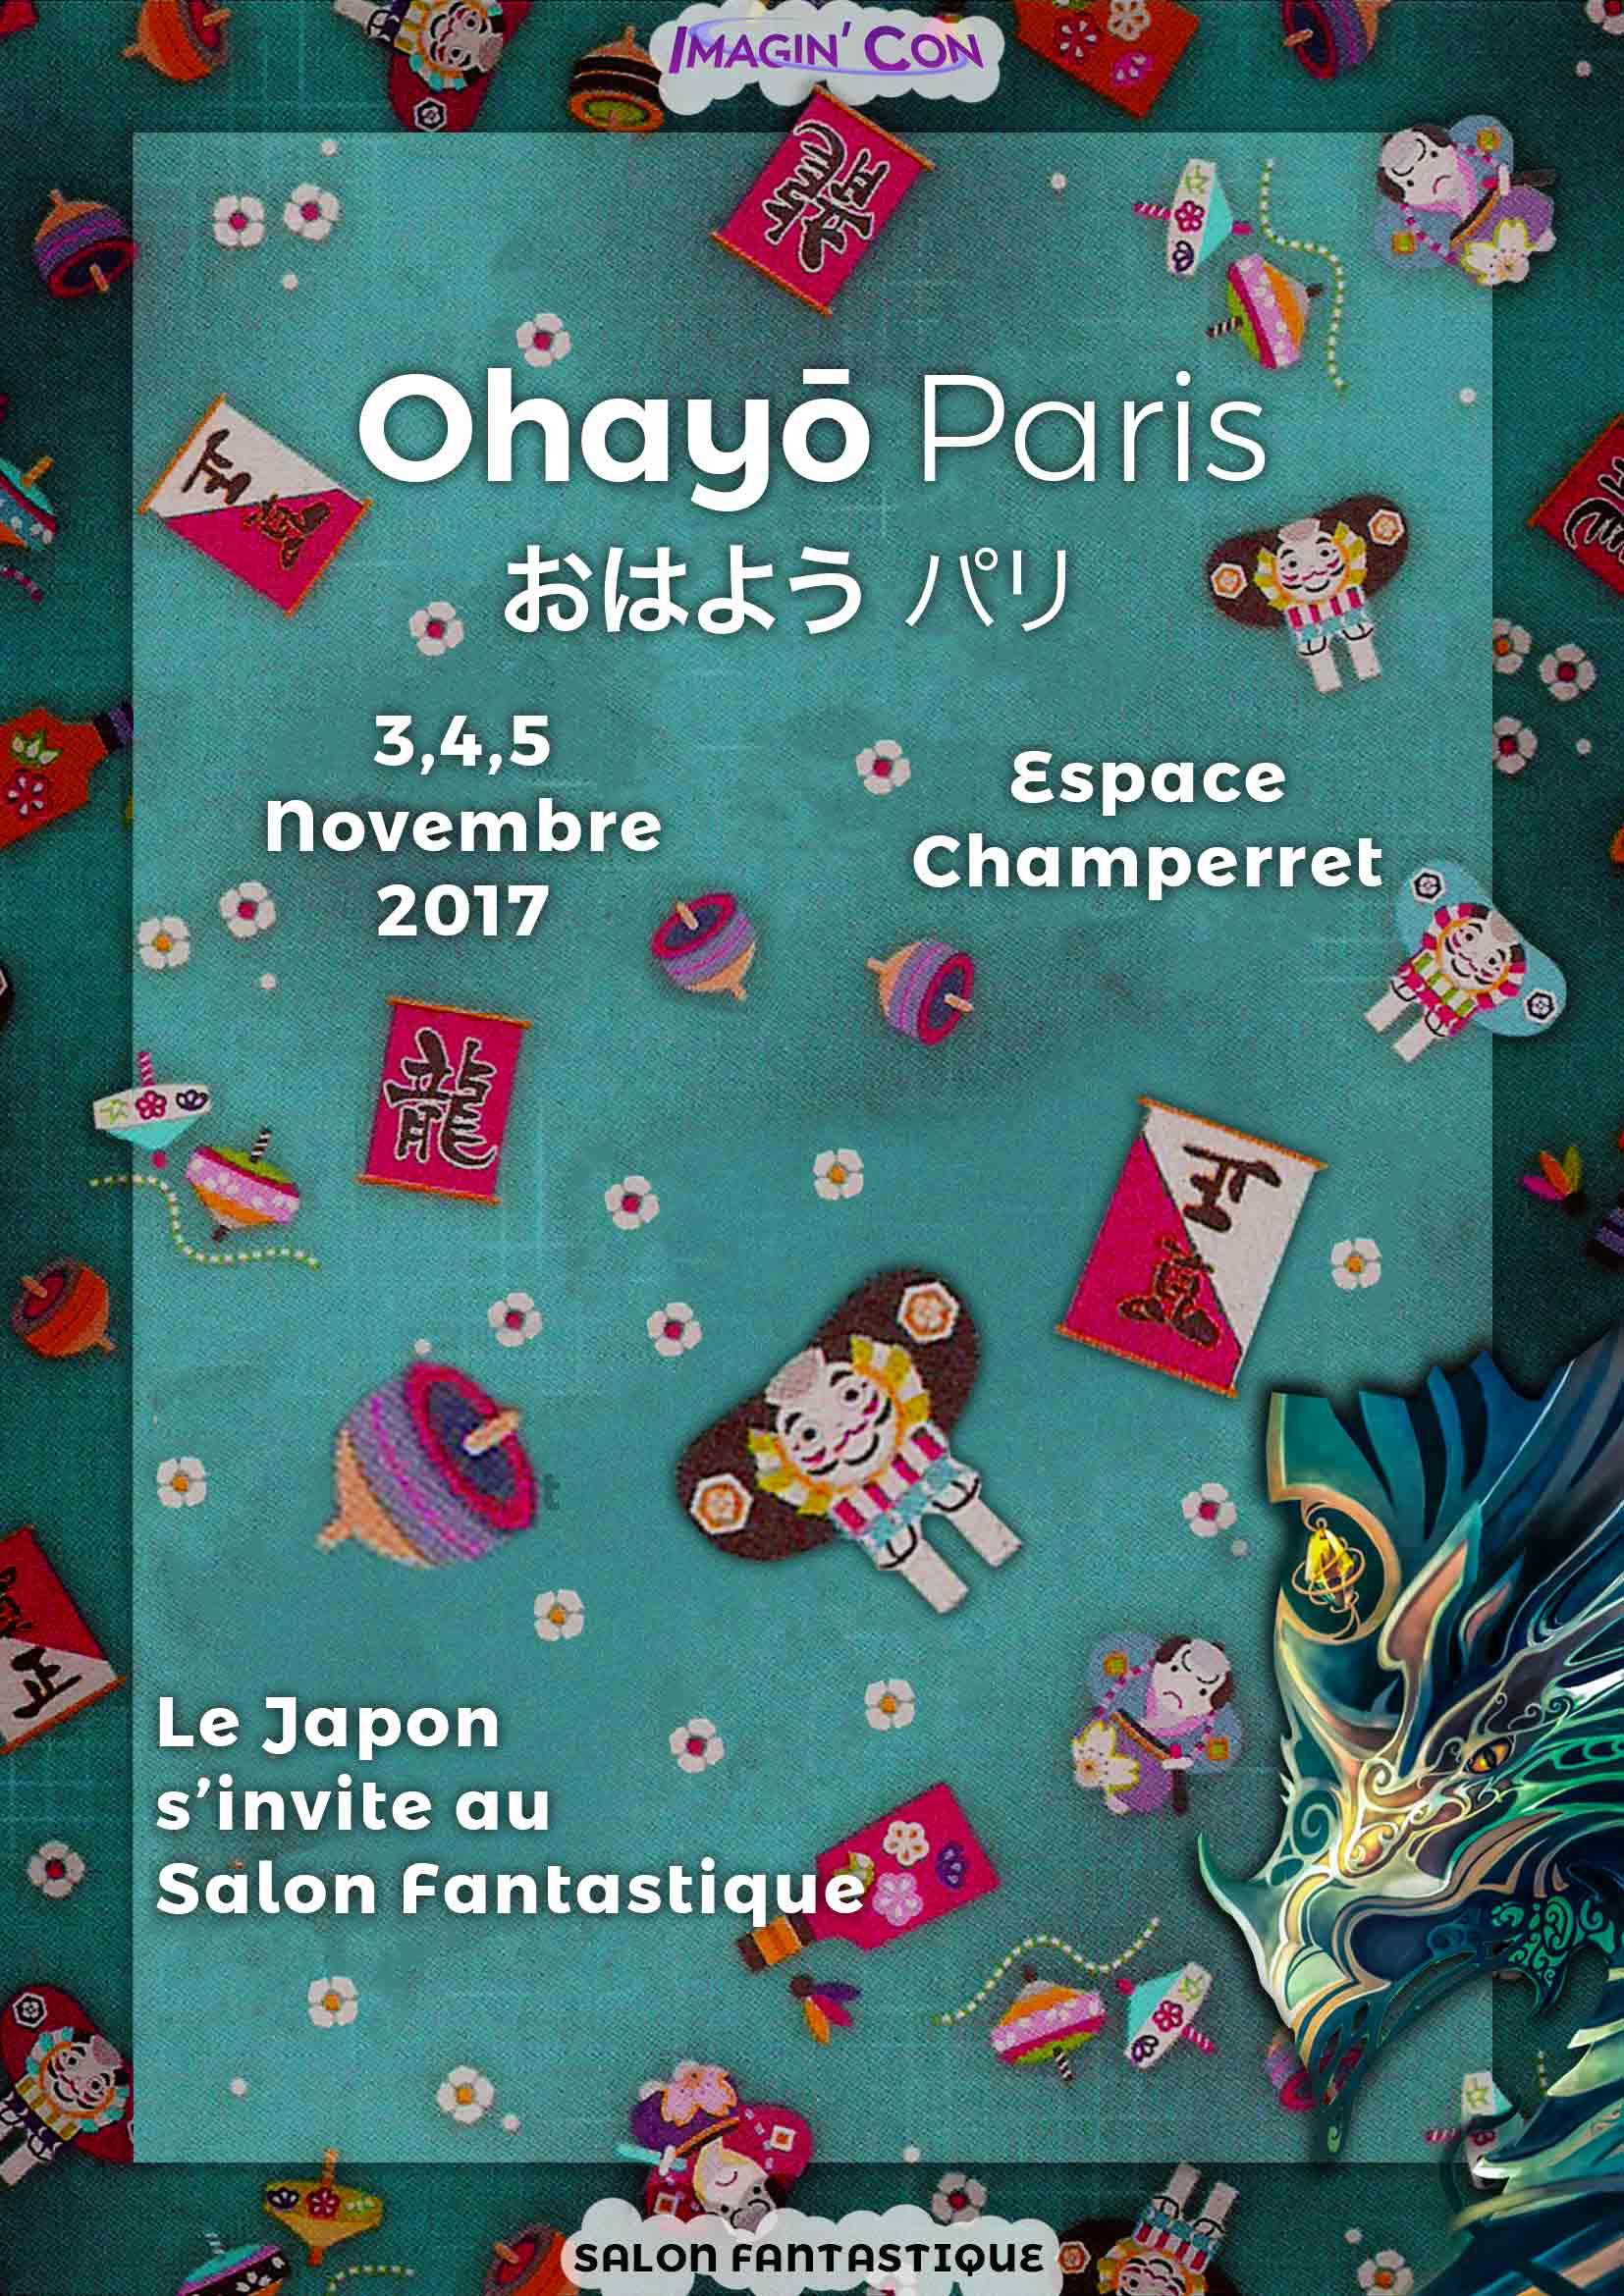 Ohayo Paris